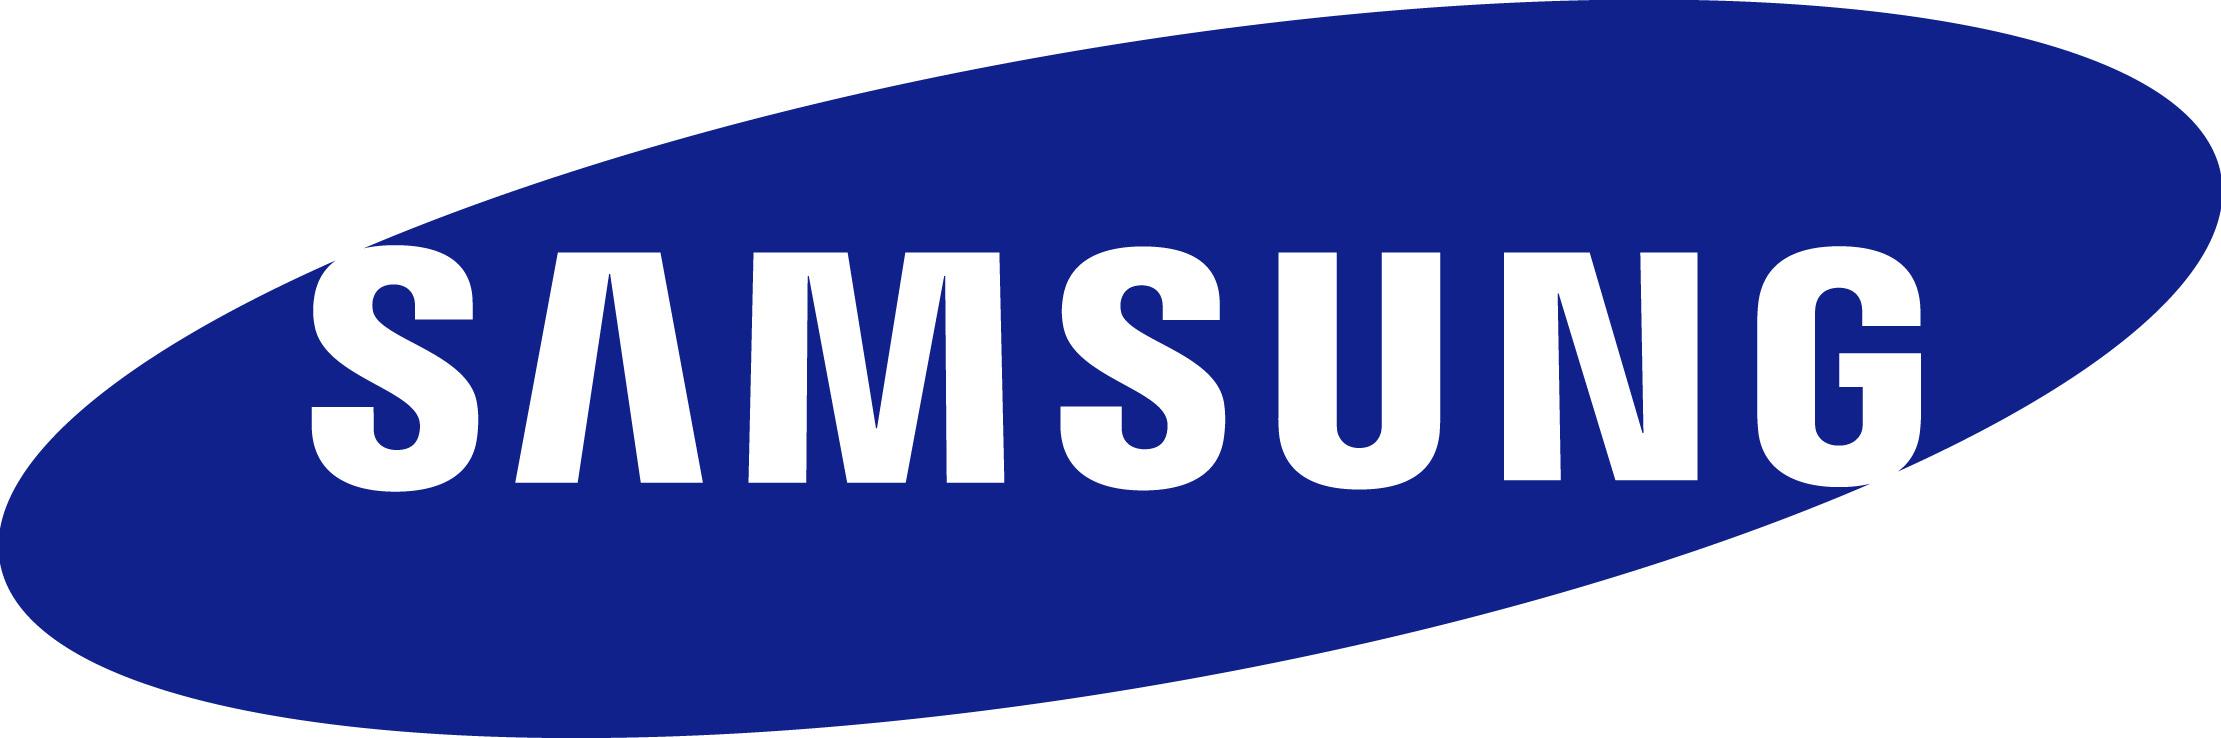 Samsung-Smartphones bei Notebooksbilliger.de mit 50,-€ Rabatt